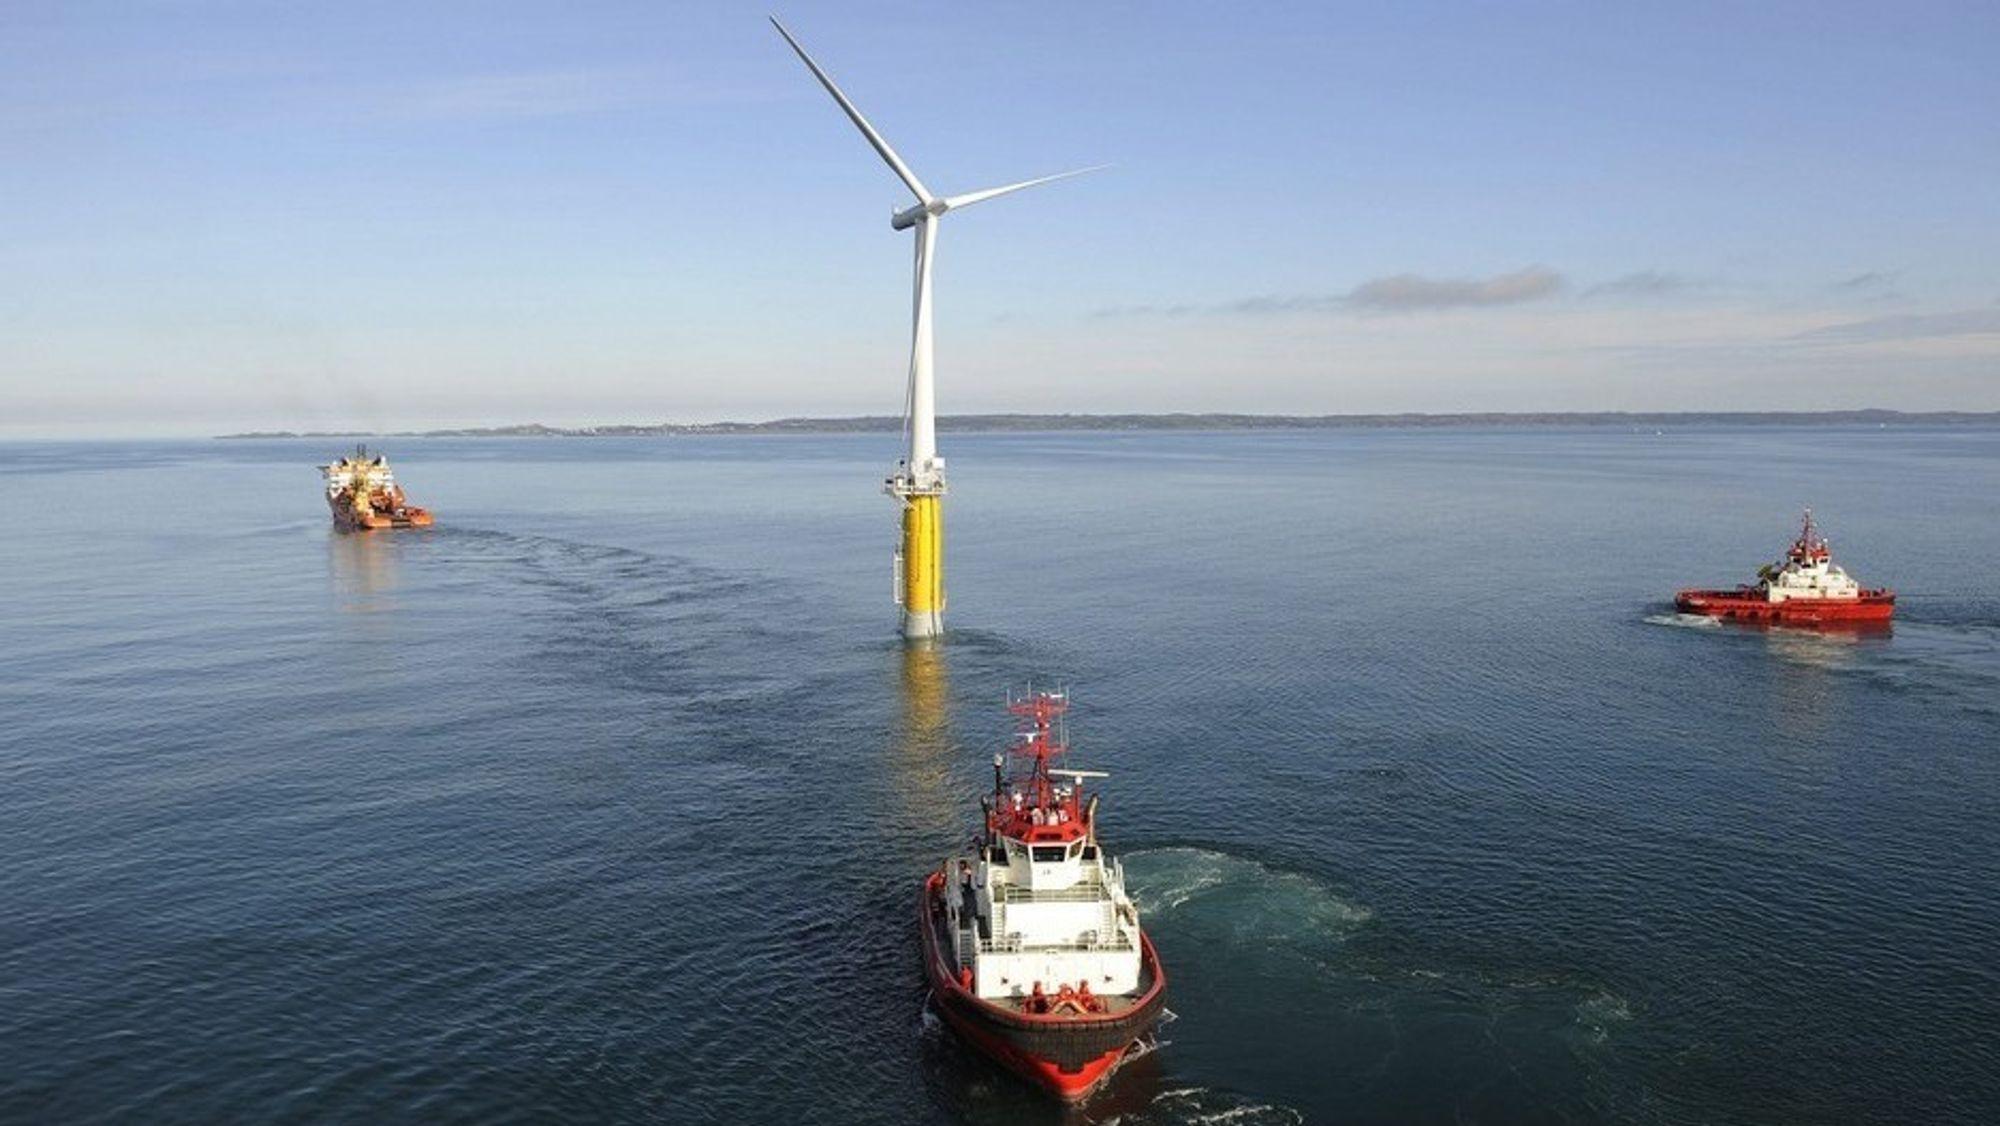 Tauing av testmøllen Hywind 8. juni 2009. Hywind demo ville aldri har skjedd uten innovasjonsstøtten fra Enova. Nå jobber de igjen med å finansiere flytende havvindprosjekter på norsk sokkel.